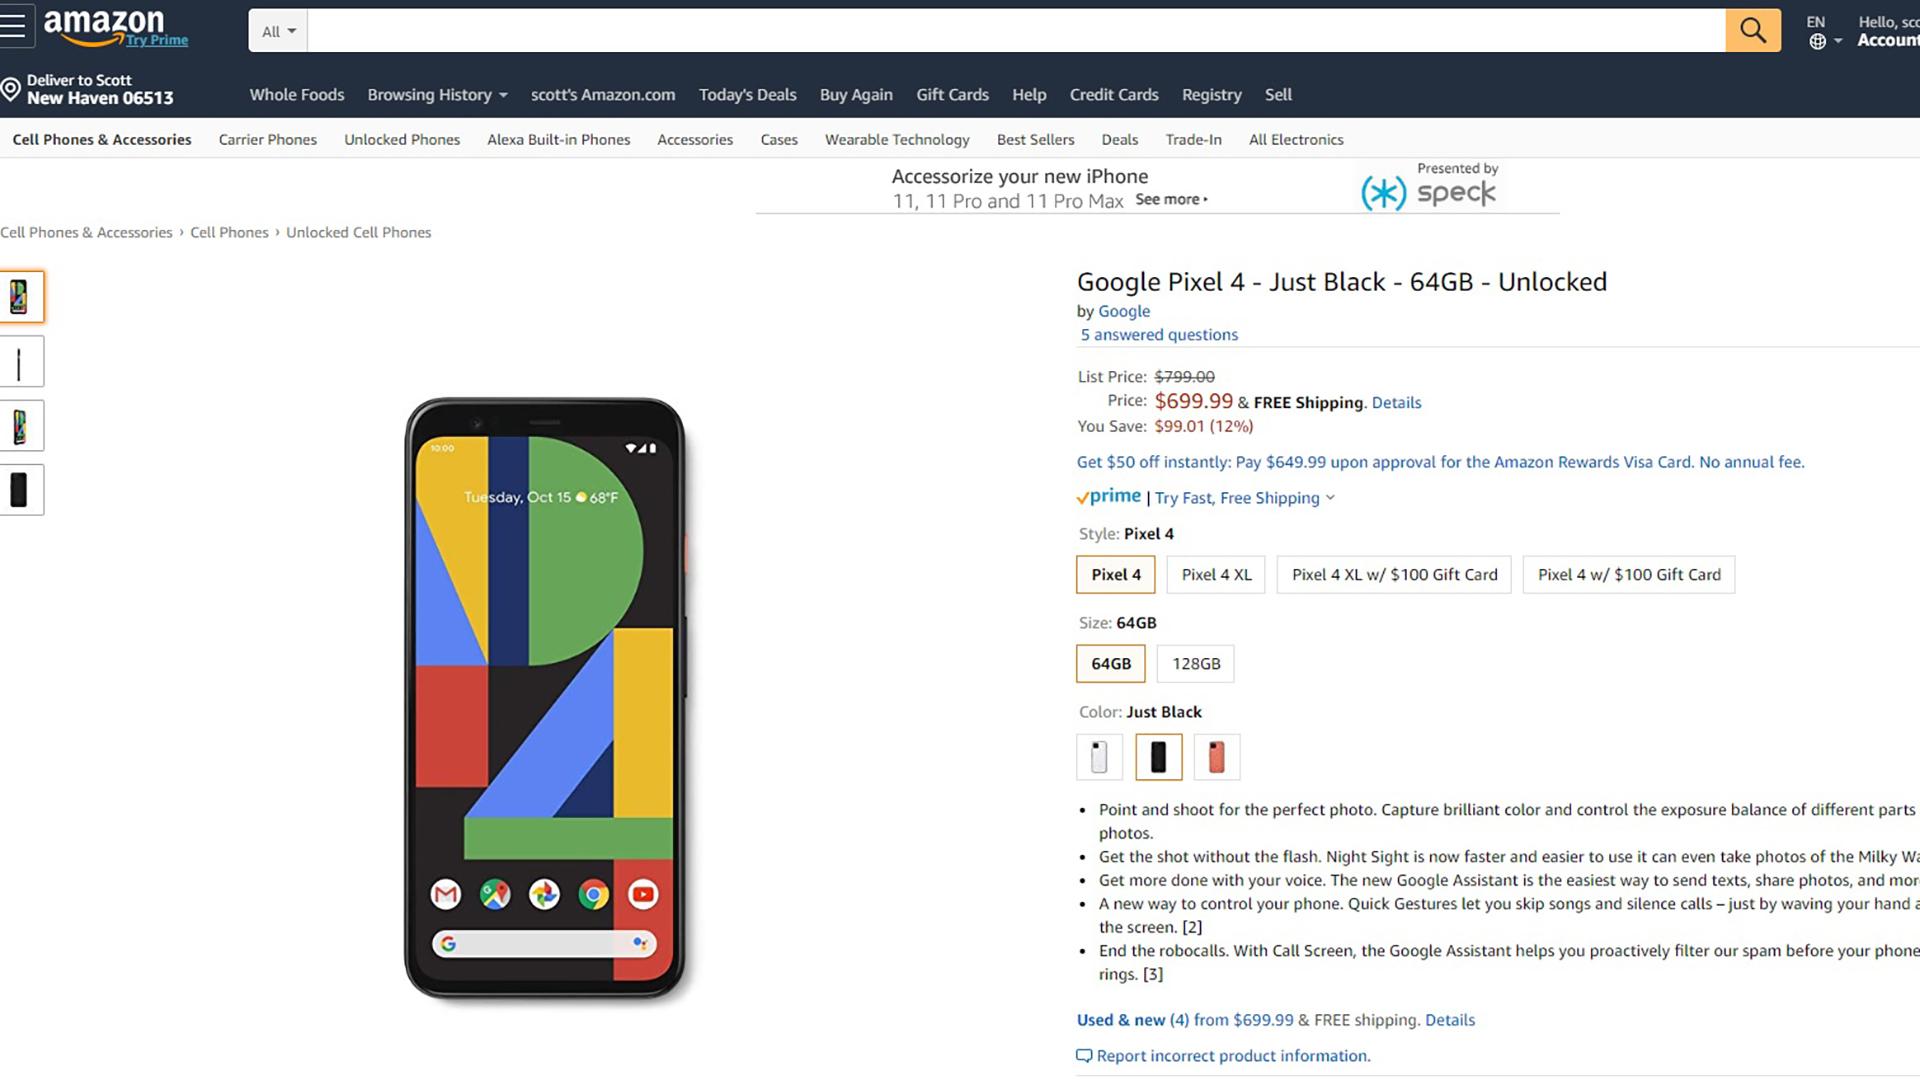 Google Pixel 4 discount